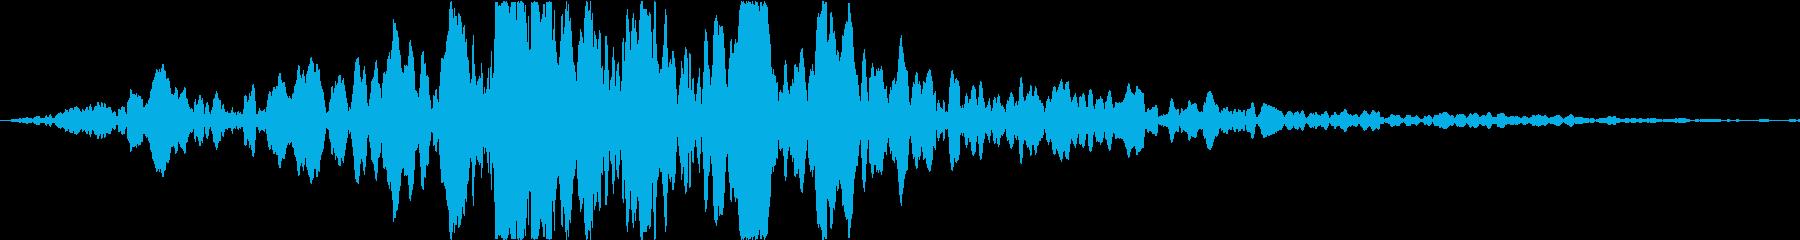 ドーン(映画CMでのタイトル表示音)の再生済みの波形